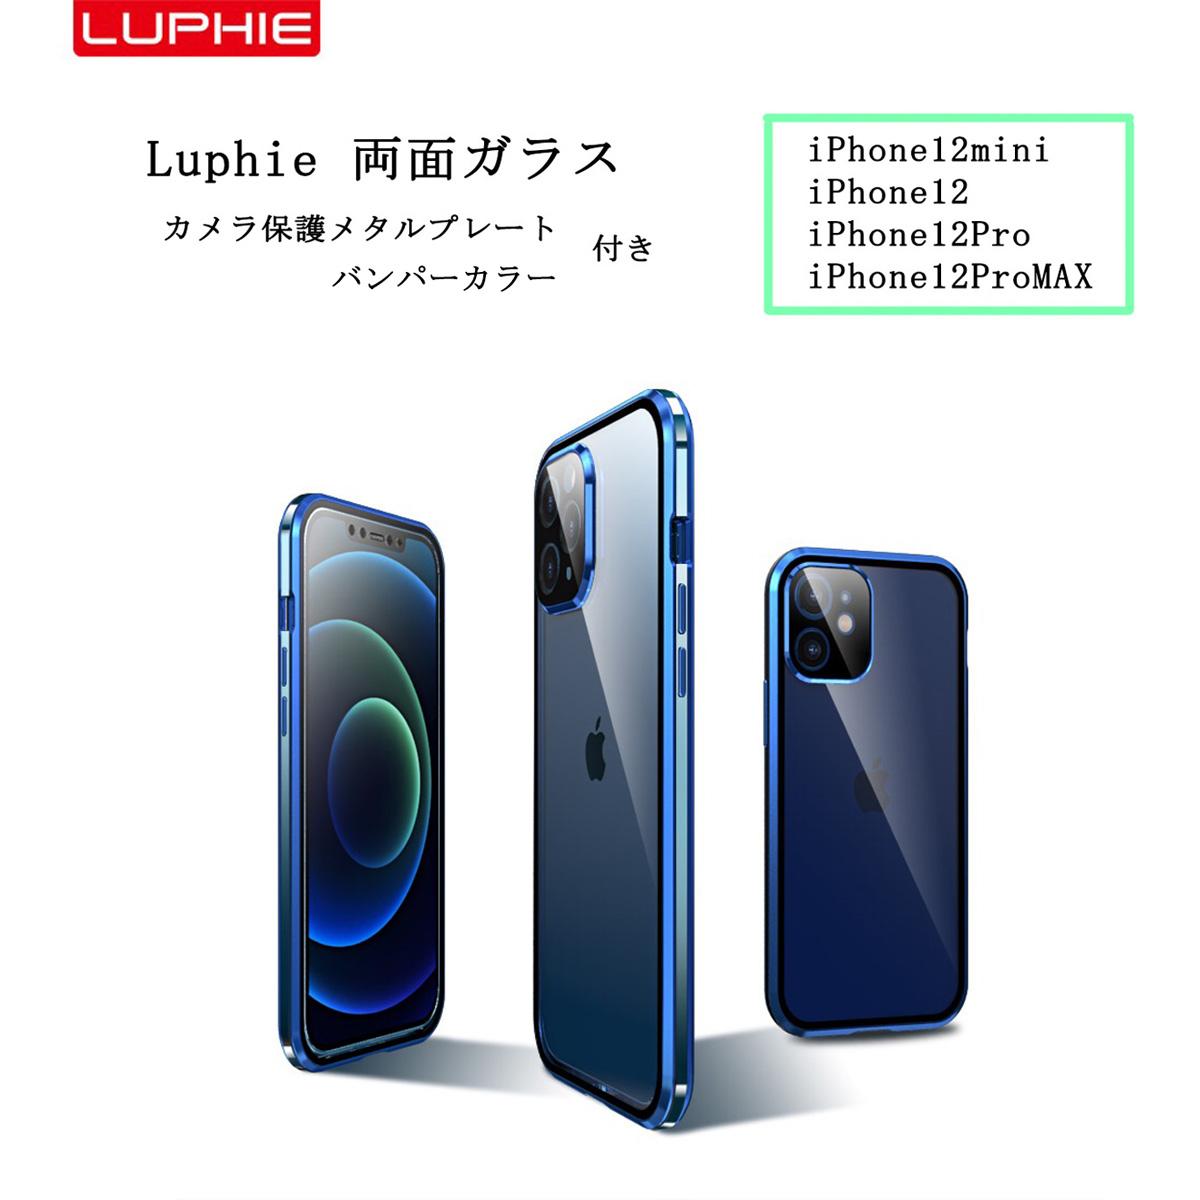 luphie 正規品 春の新作 iphone12 ケース iPhone12mini バンパーカラー カメラ保護メタルプレート 全面保護 両面ガラス iphone12pro マグネット磁石 両面9H強化ガラス フルガード ガラスバックプレート iphone12promax 2020 クリア マグネット バンパー アルミバンパー